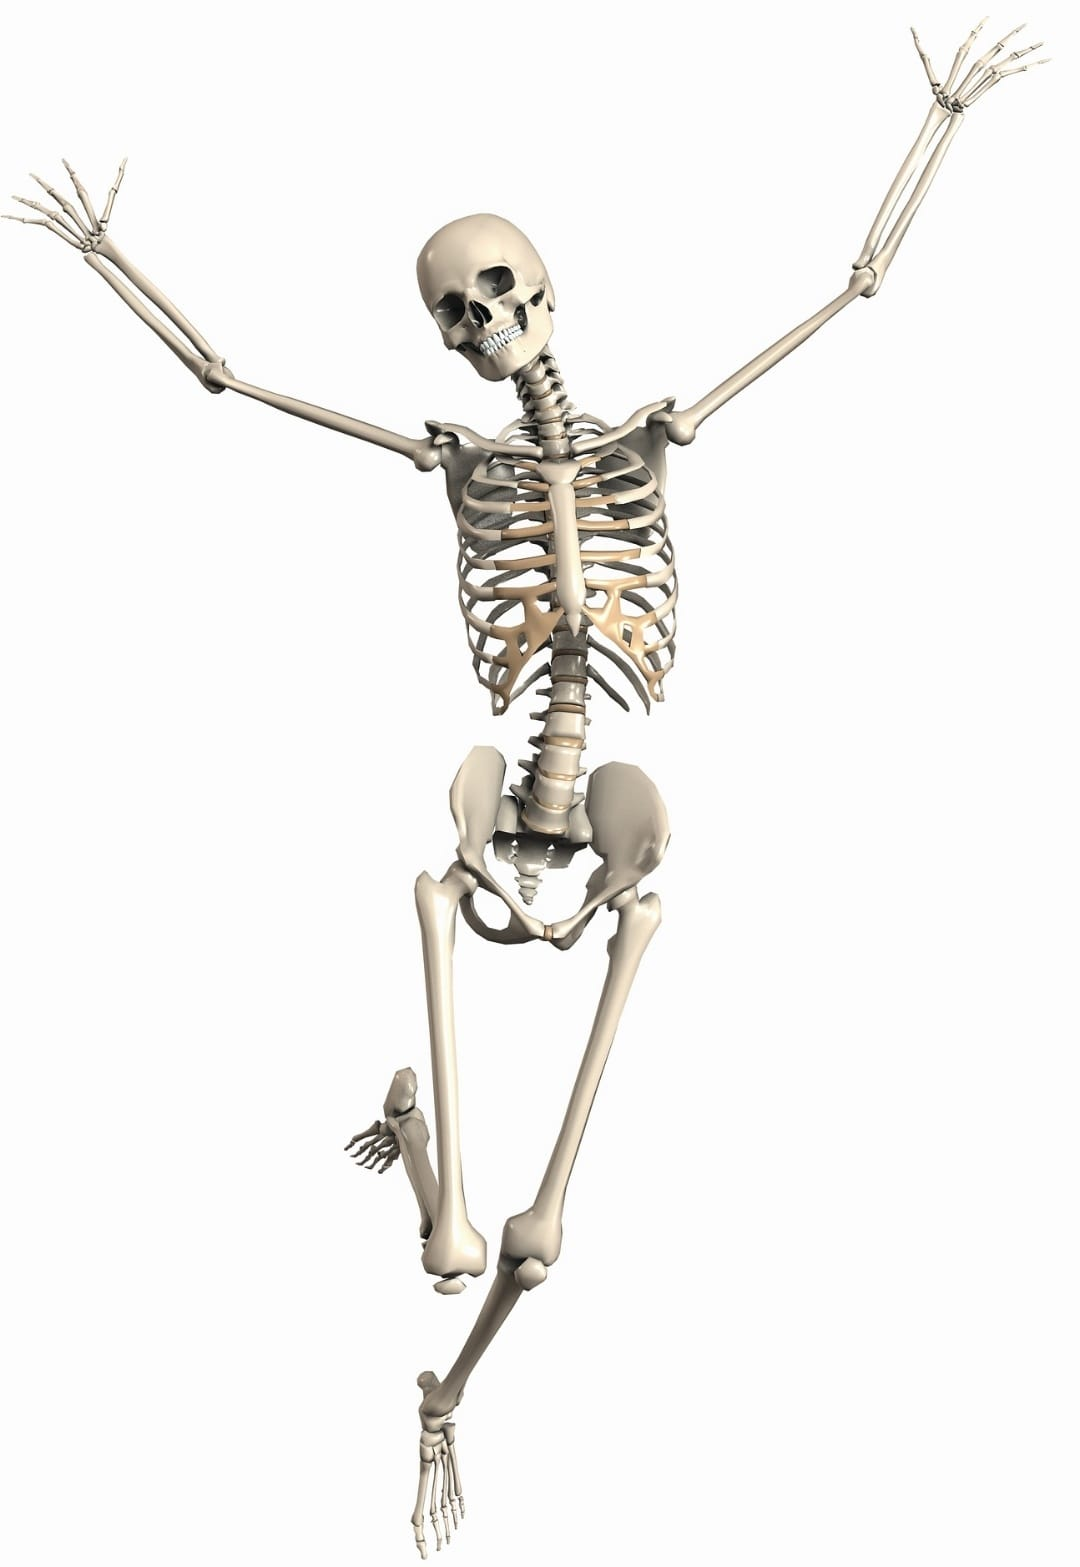 פעילות גופנית ואוסטאופורוזיס